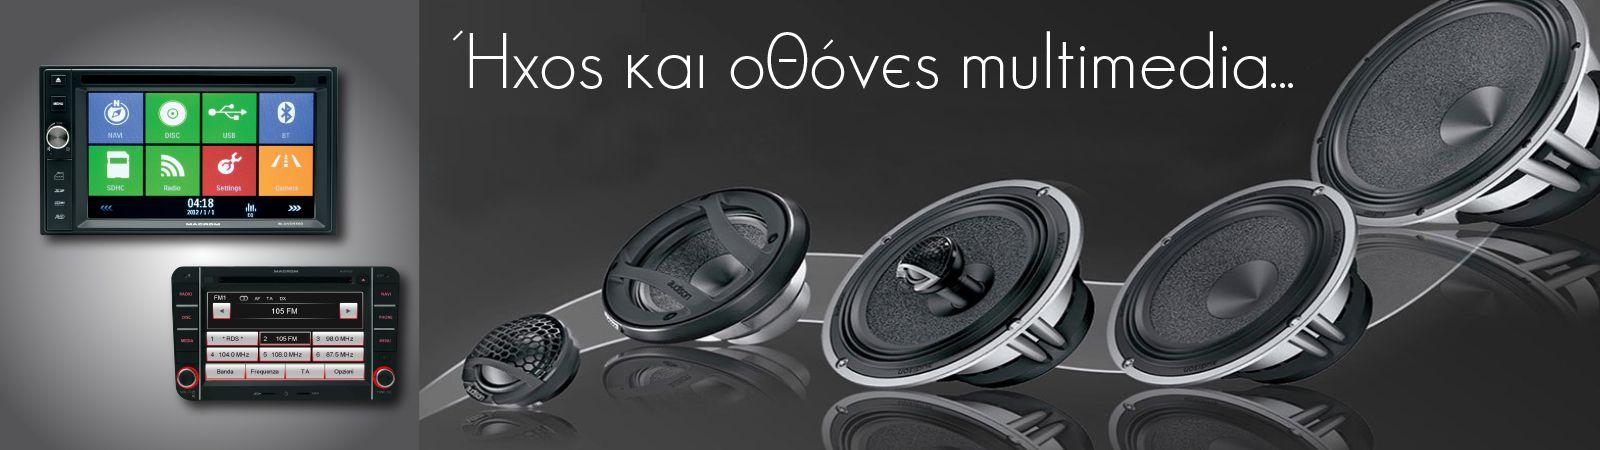 Car Audio Archives - Idea Hellas 3958fef40a8